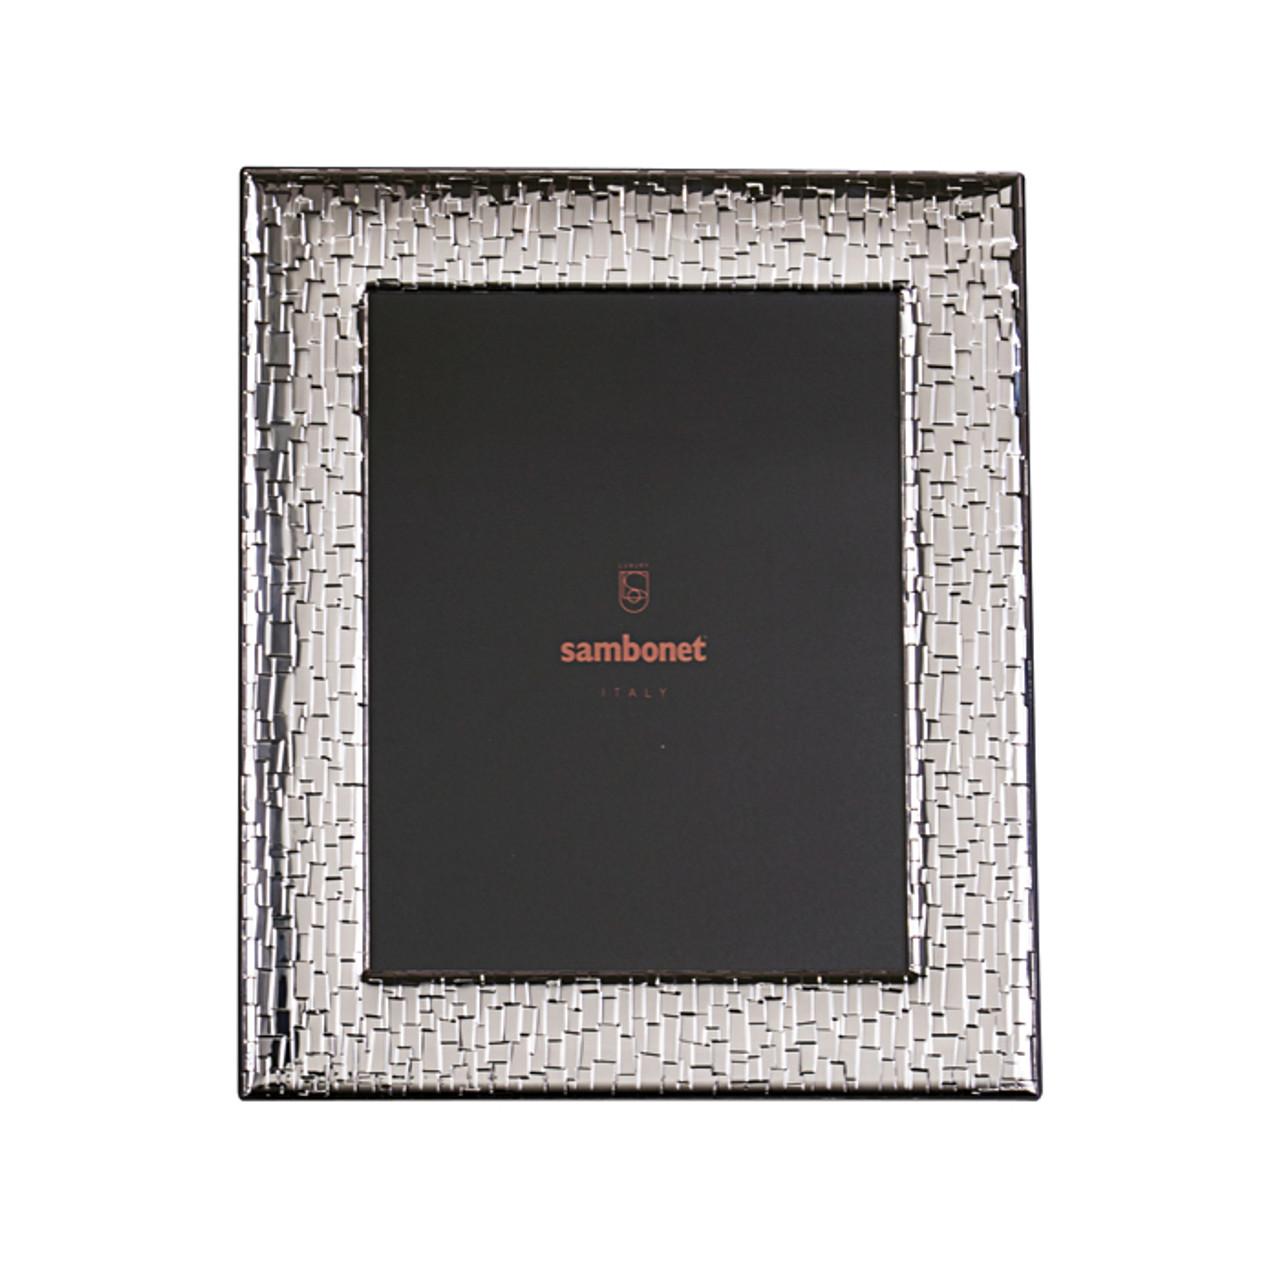 Großzügig Zielbildrahmen 8x10 Galerie - Benutzerdefinierte ...